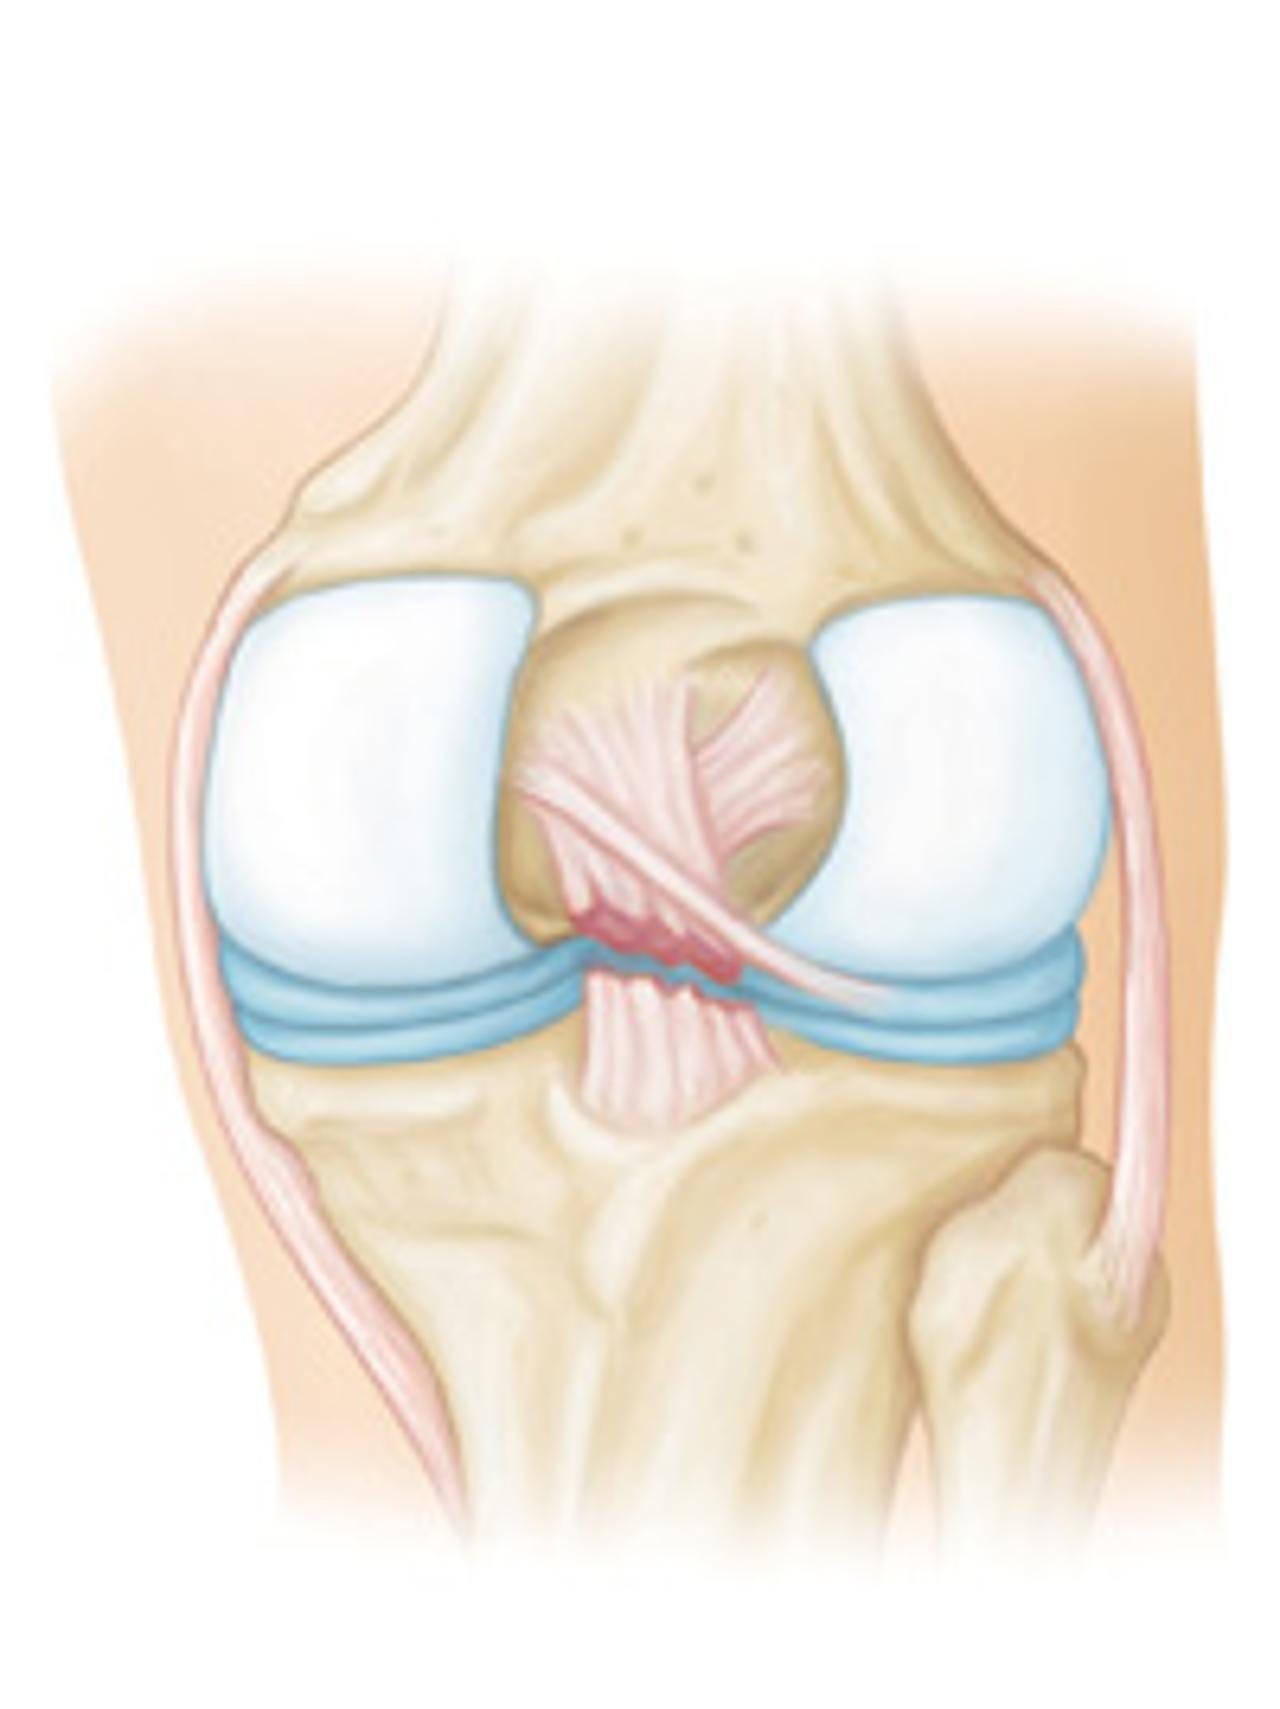 Частичное повреждение волокон передней крестообразной связки